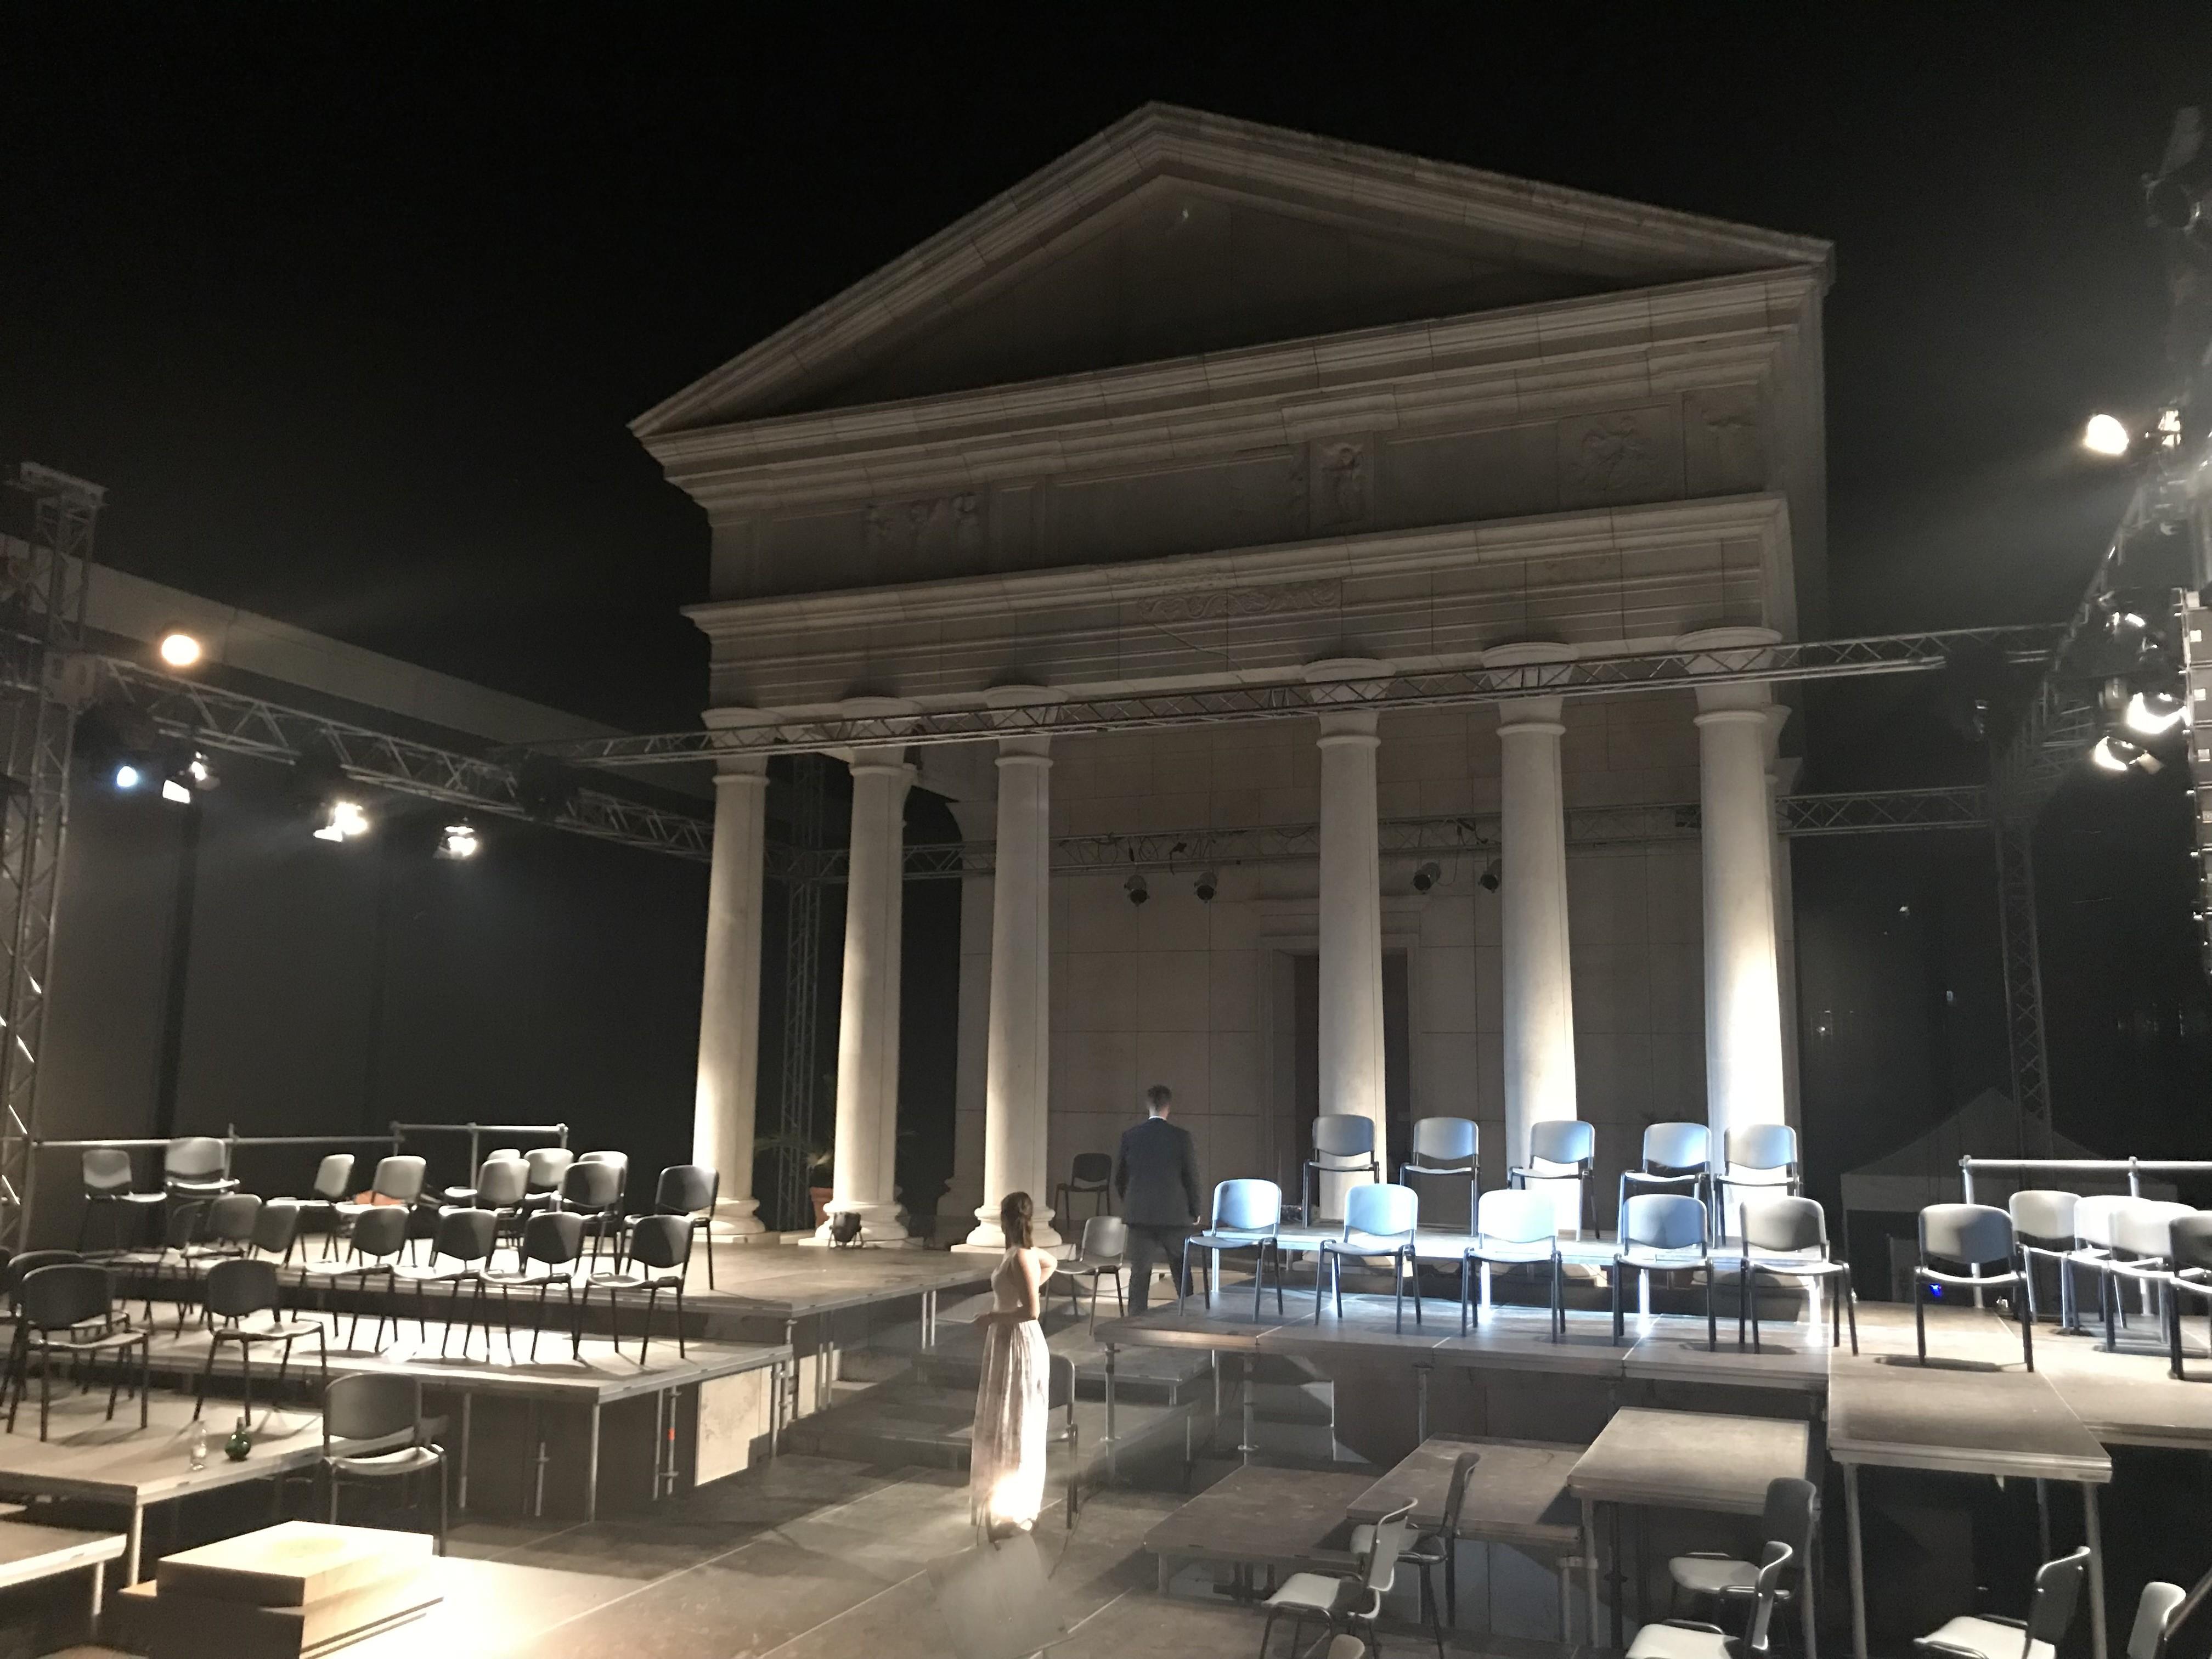 Két opera csendül fel az Iseumi Játékok nyitásaként